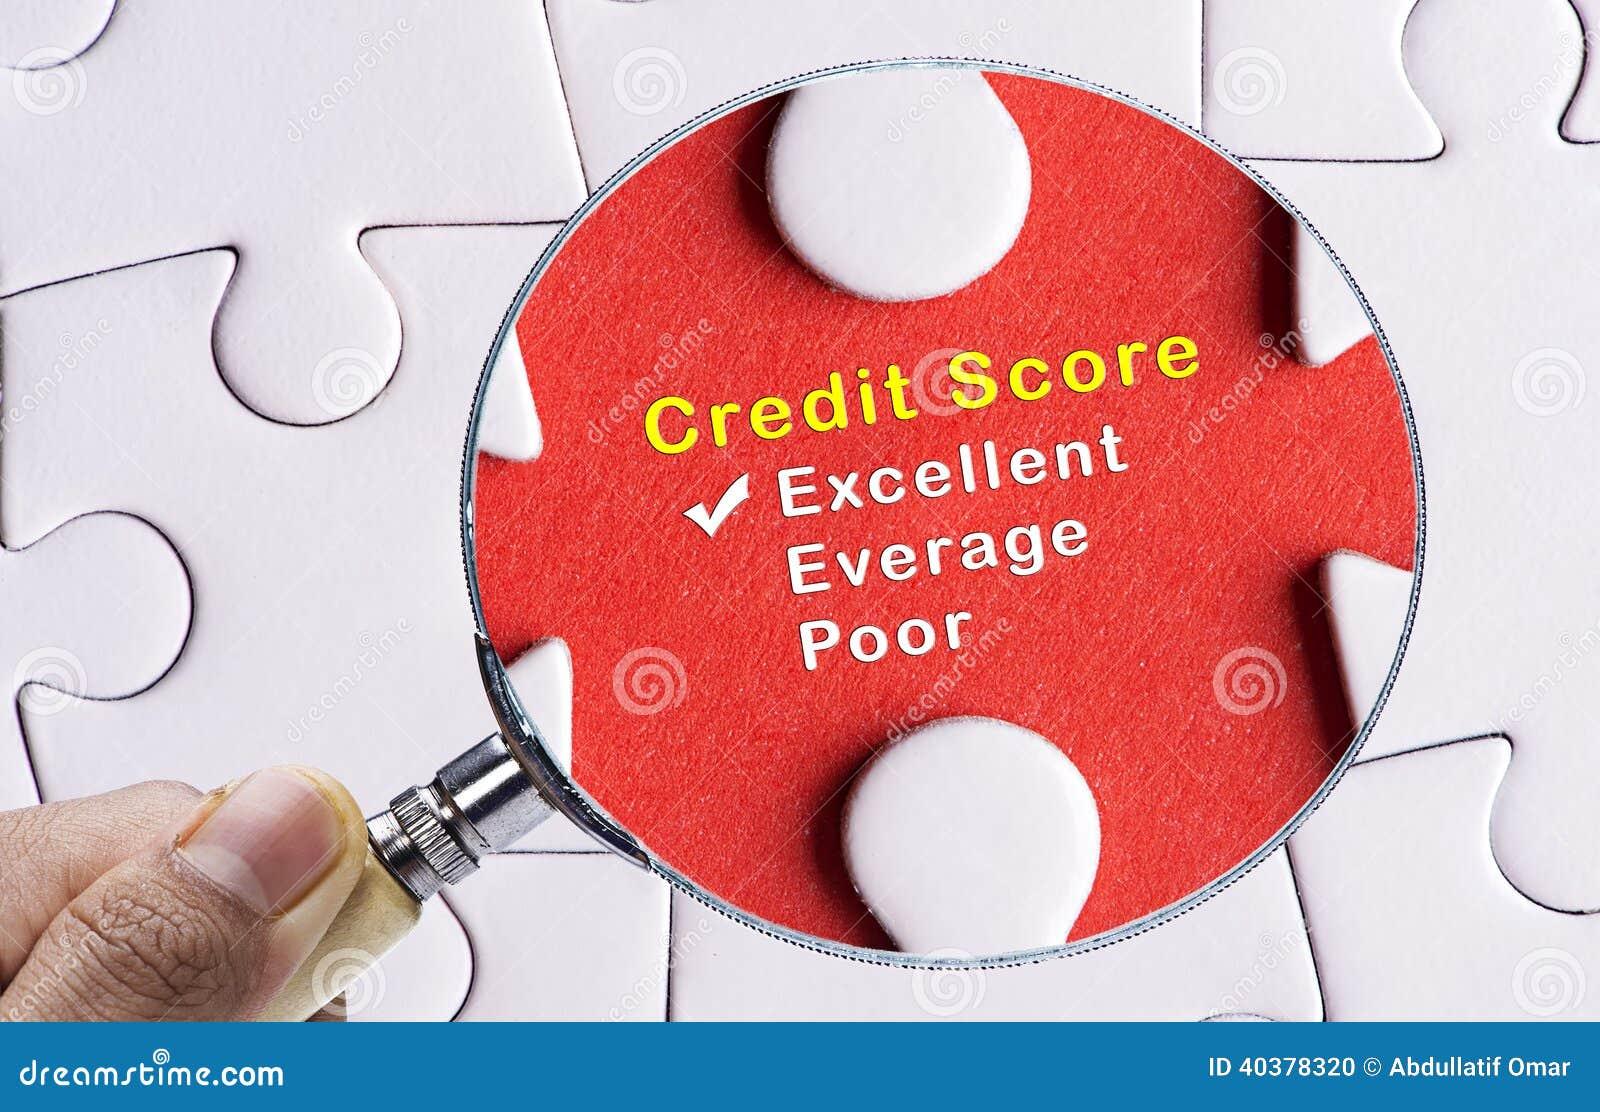 在优秀信用评分评价表的放大镜焦点。